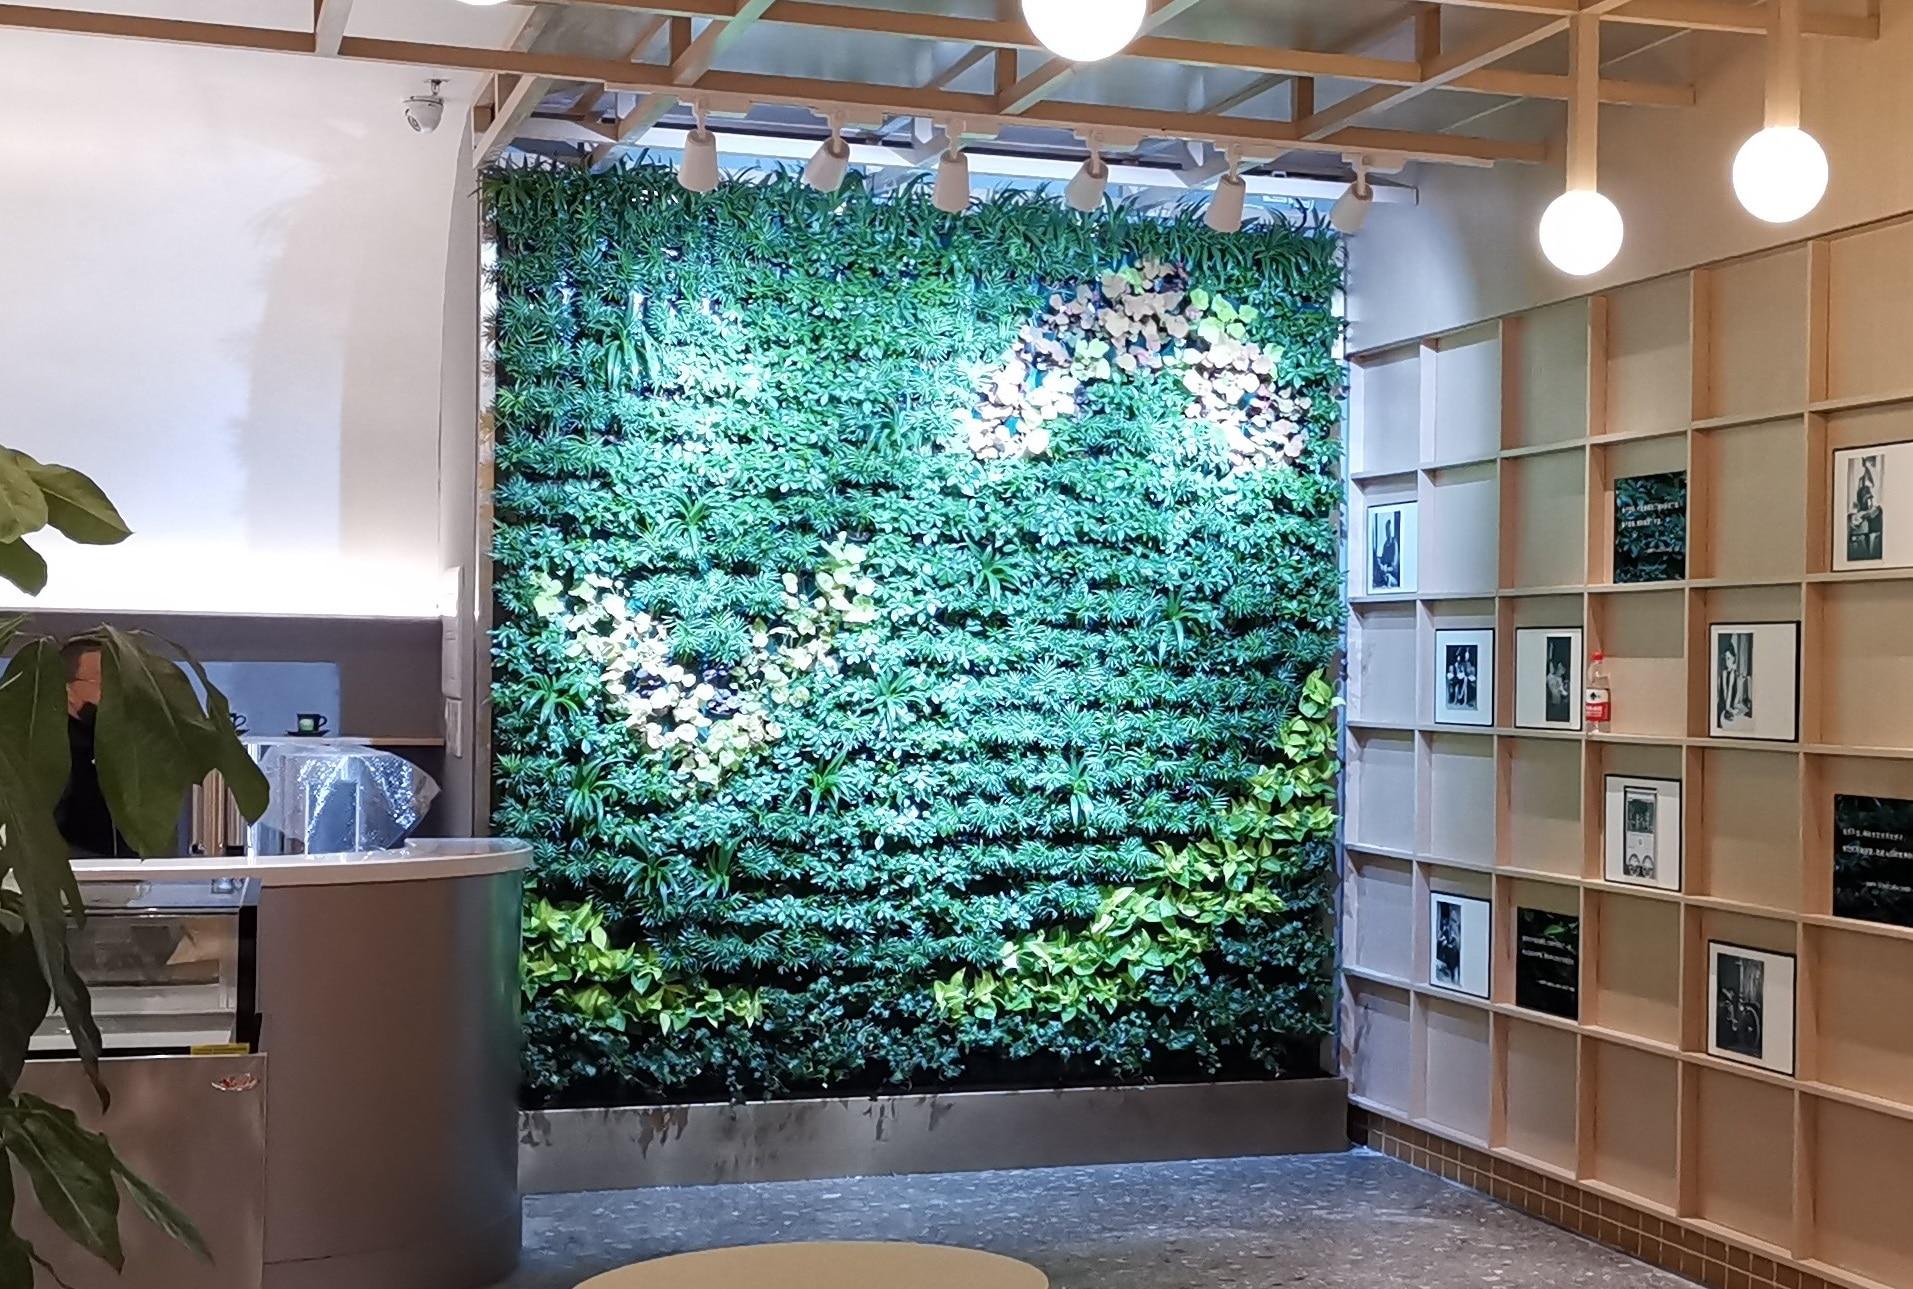 宁波colife生活广场植物墙 万科●东晟府绿植墙